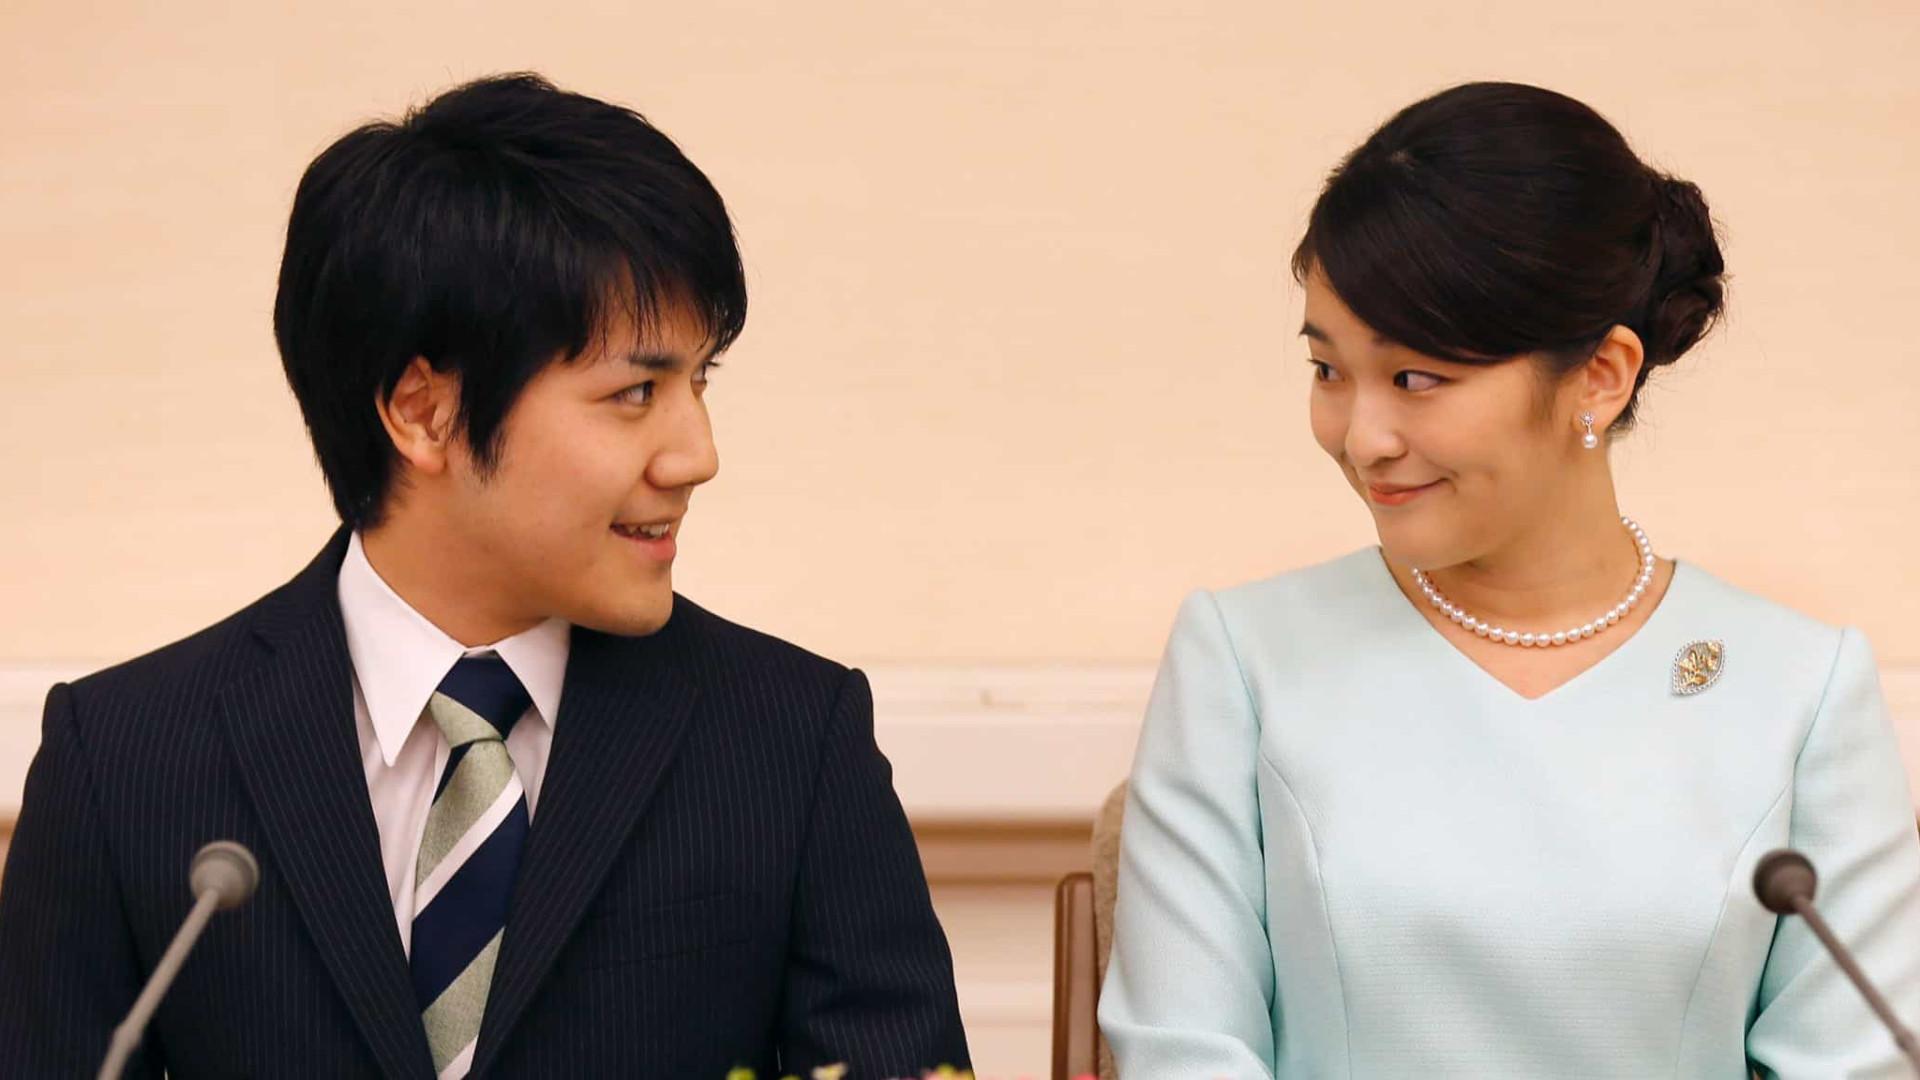 Princesa do Japão casou-se com plebeu e saiu oficialmente da família real